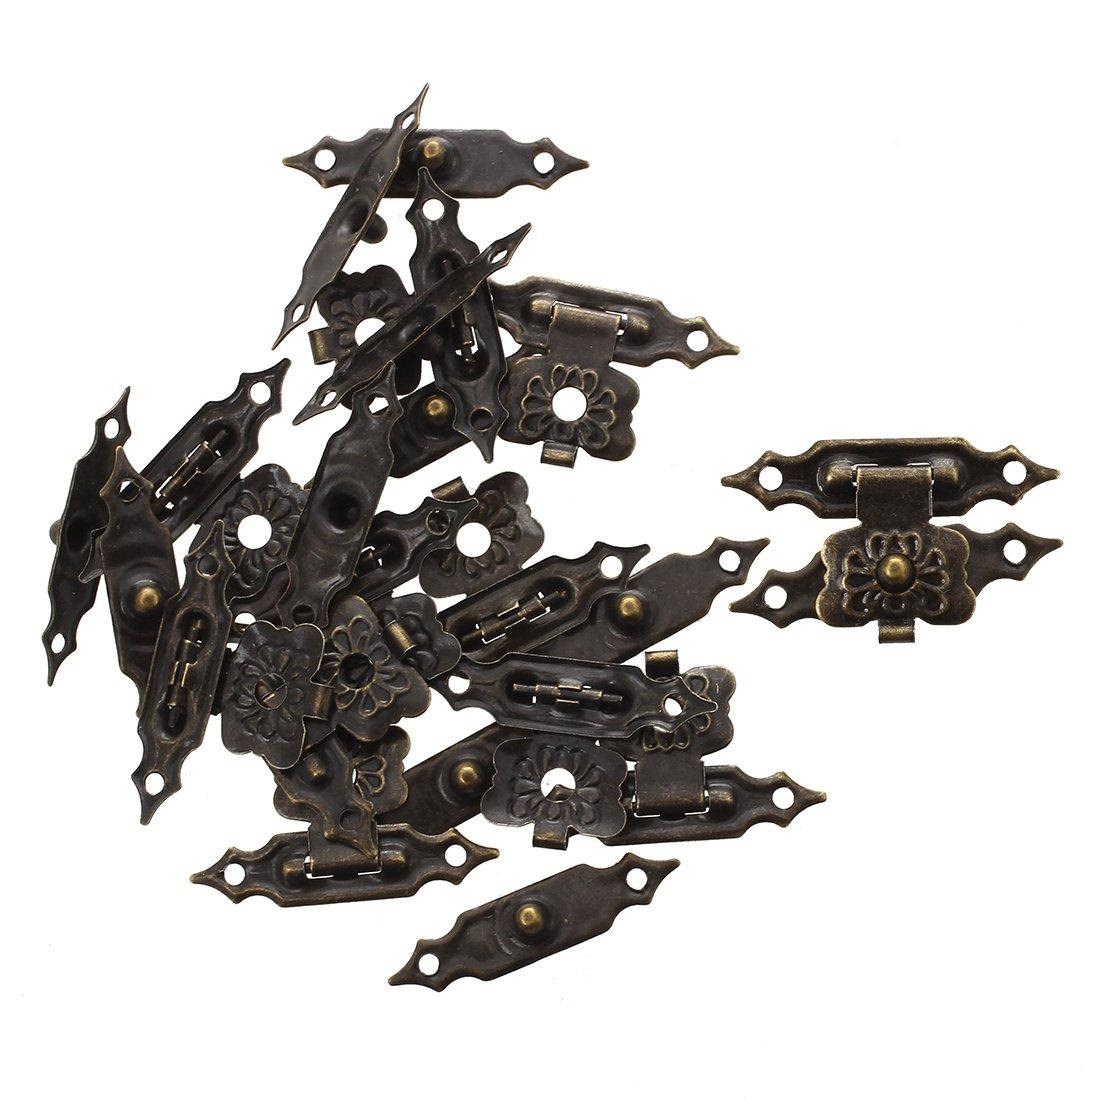 Cerradura de resorte - SODIAL(R)10 pzs Conjuntos de pestillo de cajas de madera antiguo Cierre de cajas de bronce 3cm largo